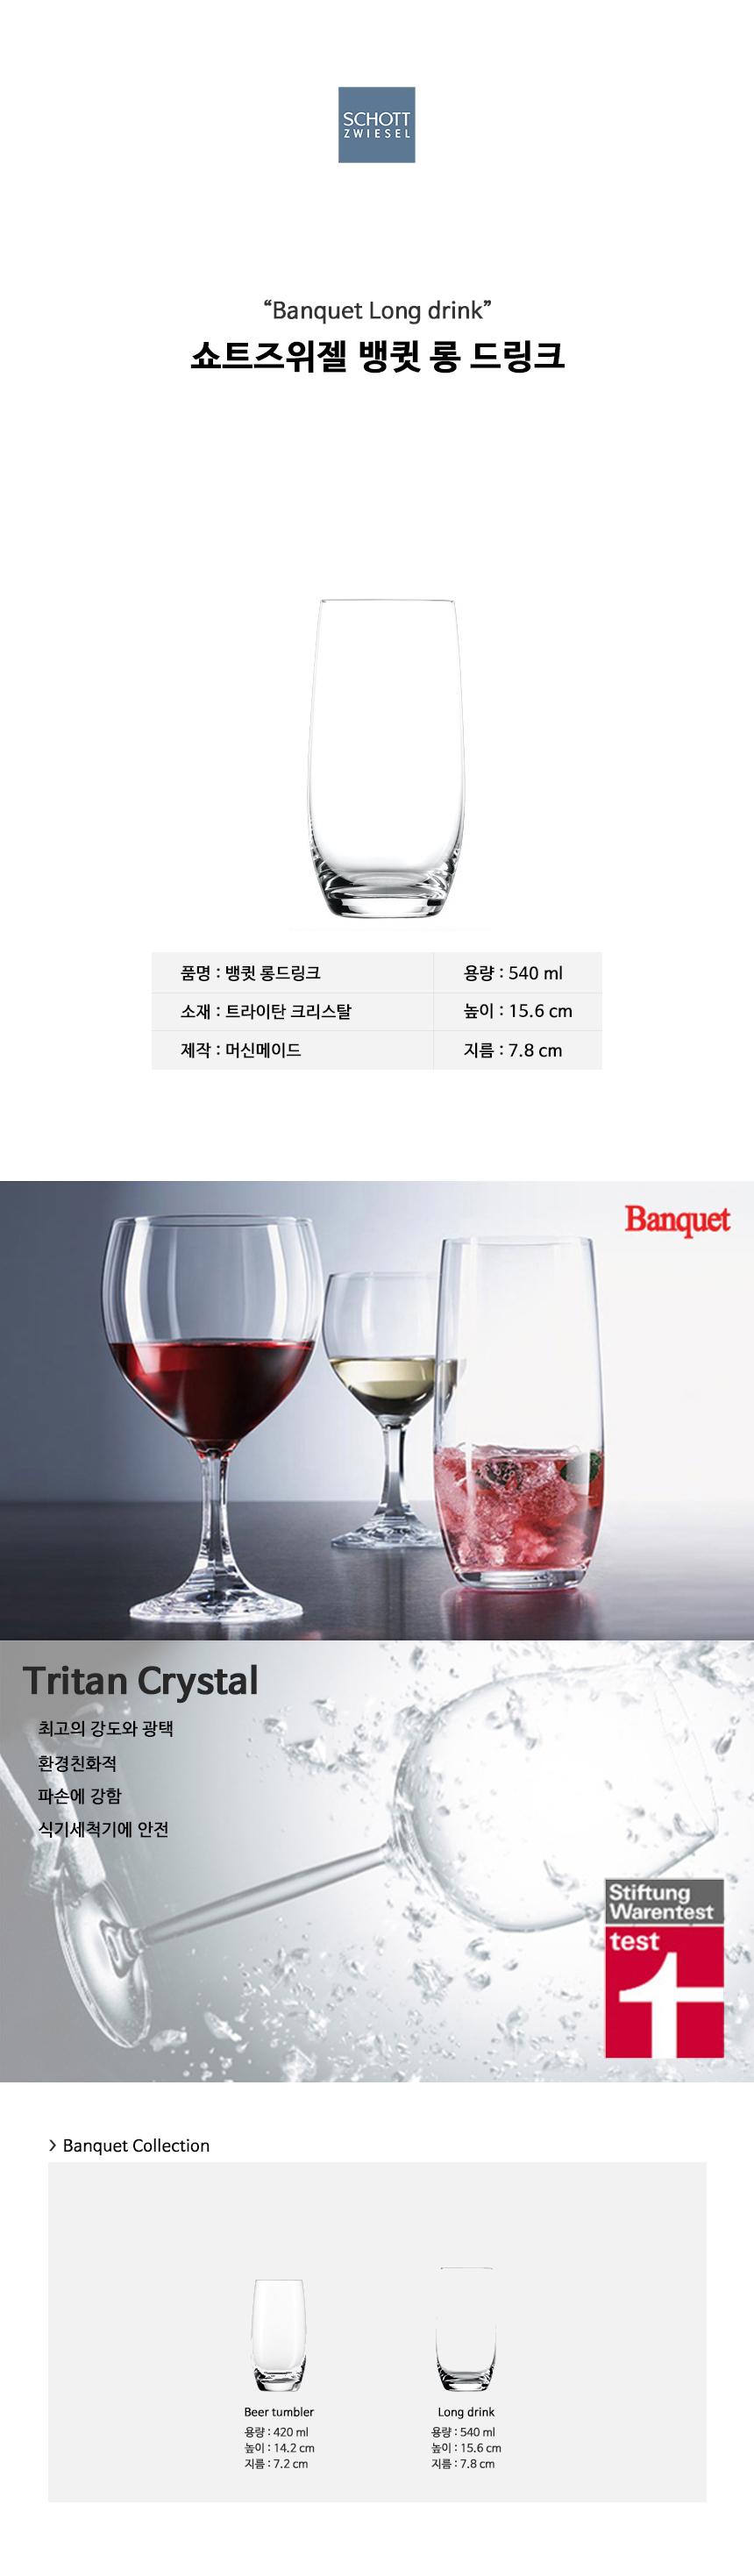 쇼트즈위젤 뱅큇 롱드링크 1P - 쇼트즈위젤, 19,000원, 유리컵/술잔, 와인잔